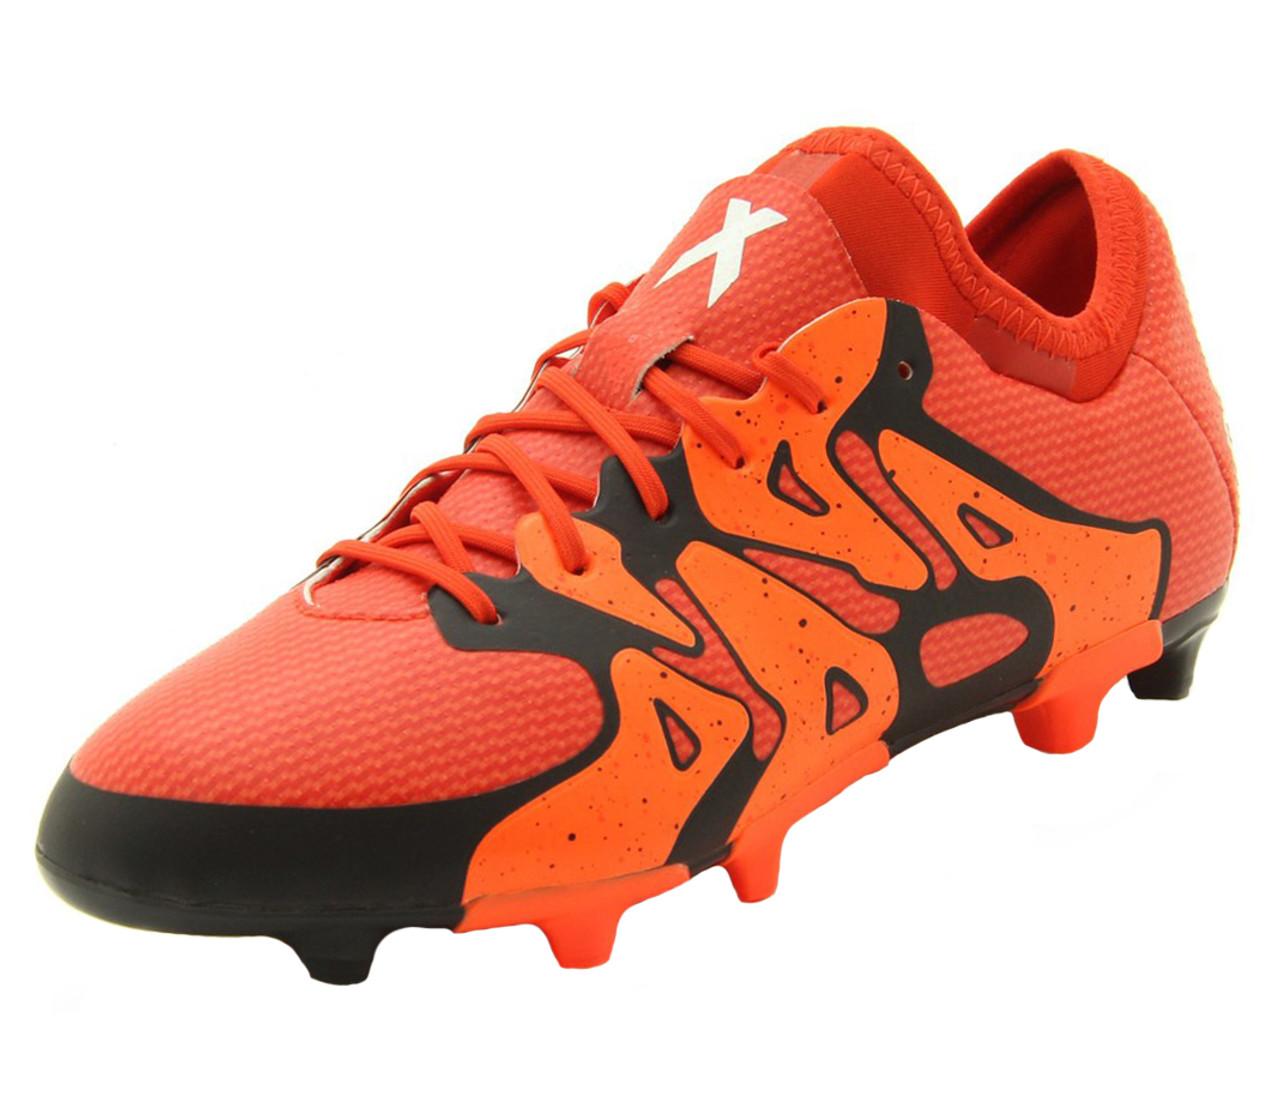 quality design 7fe6a 193a2 Adidas X 15.1 FG J - Bold Orange Core Black SD (11219) - ohp soccer